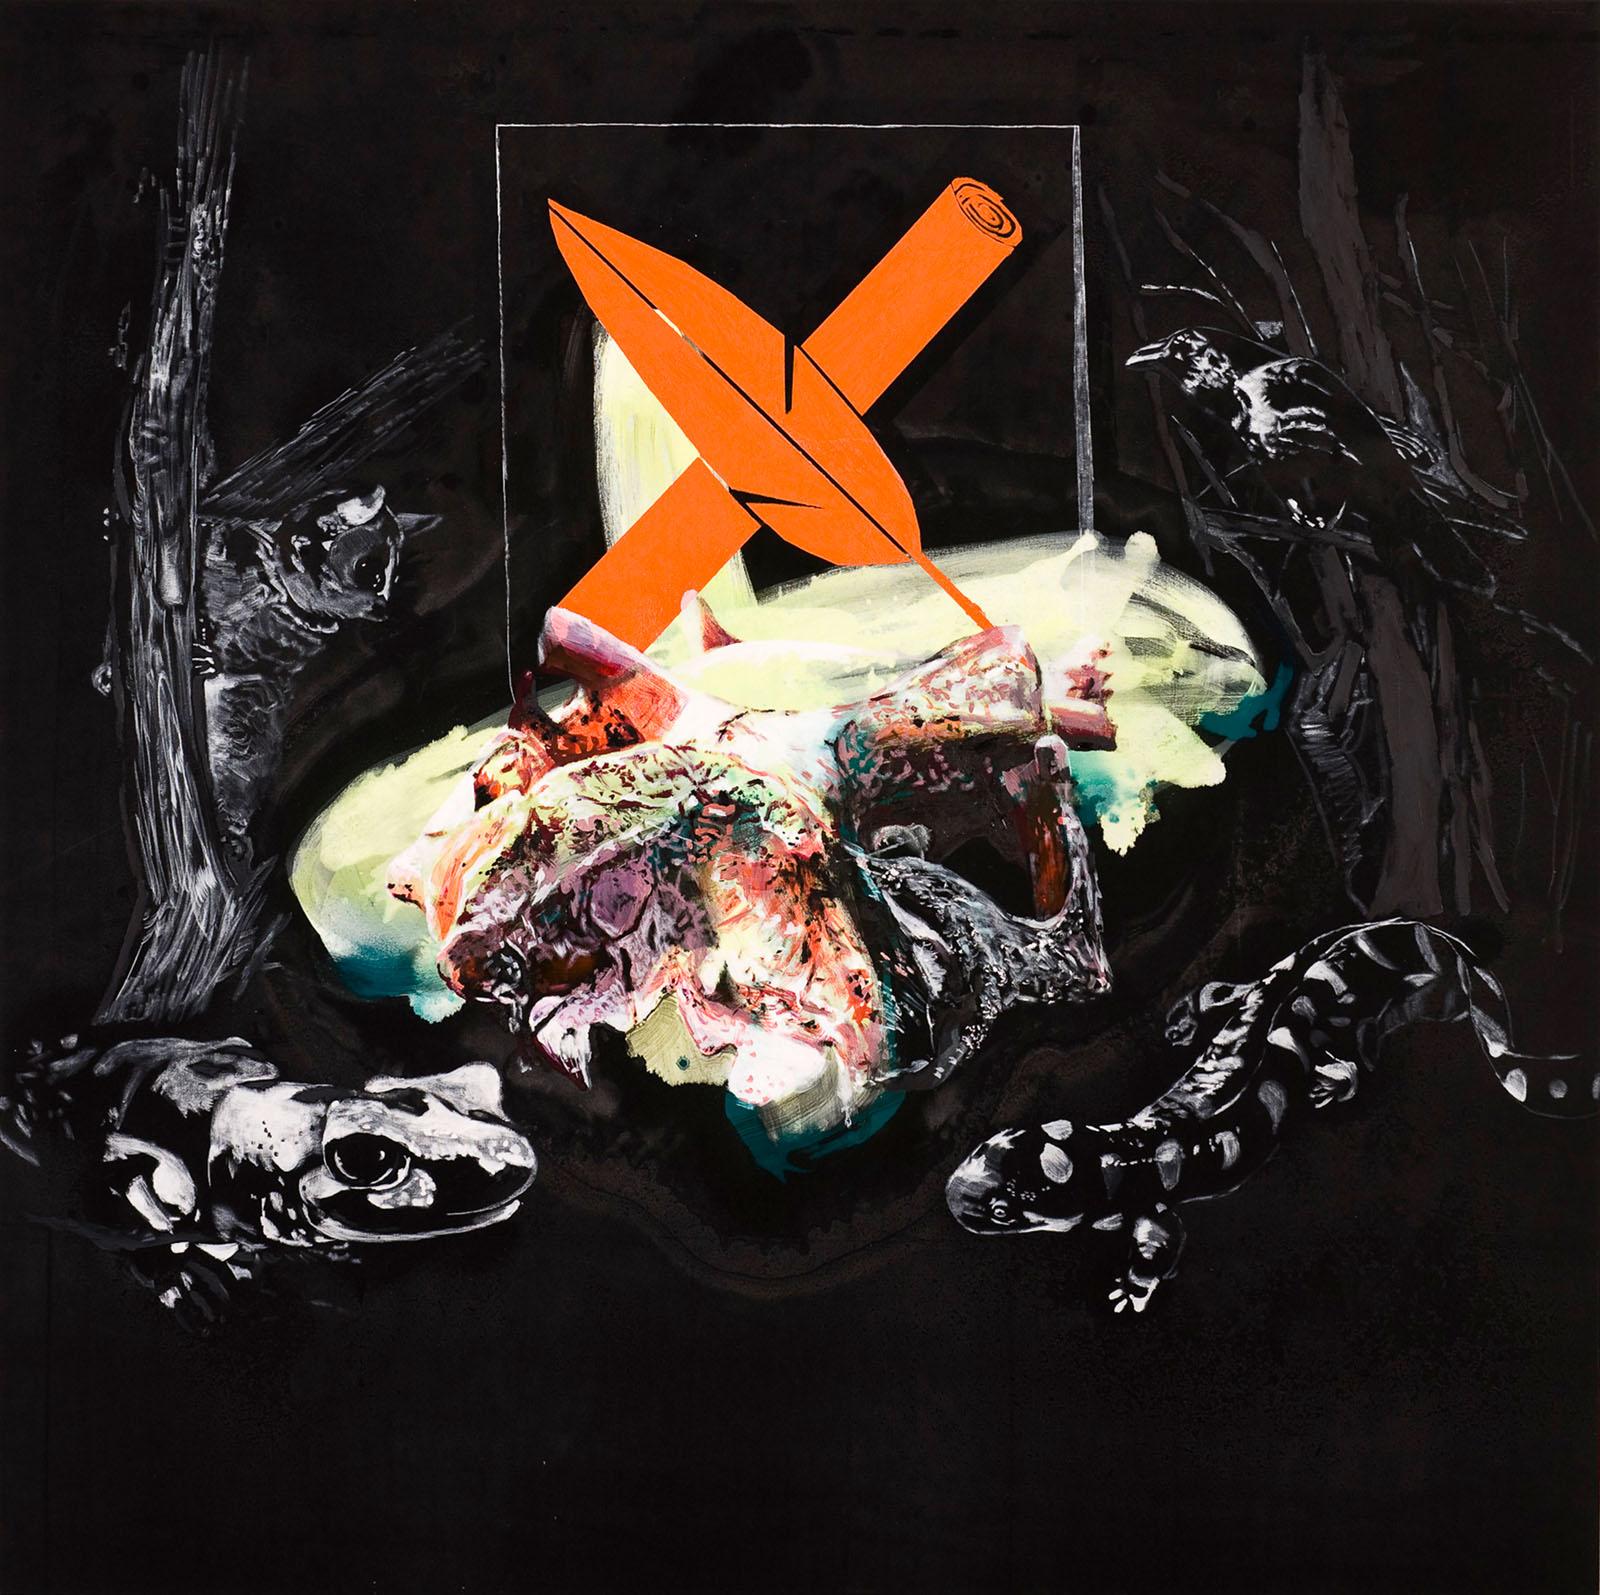 """o.T. aus """"Krähen Kommen -Titanweiß"""", 2008, 190 x 190 cm, Mischtechnik auf Leinwand"""